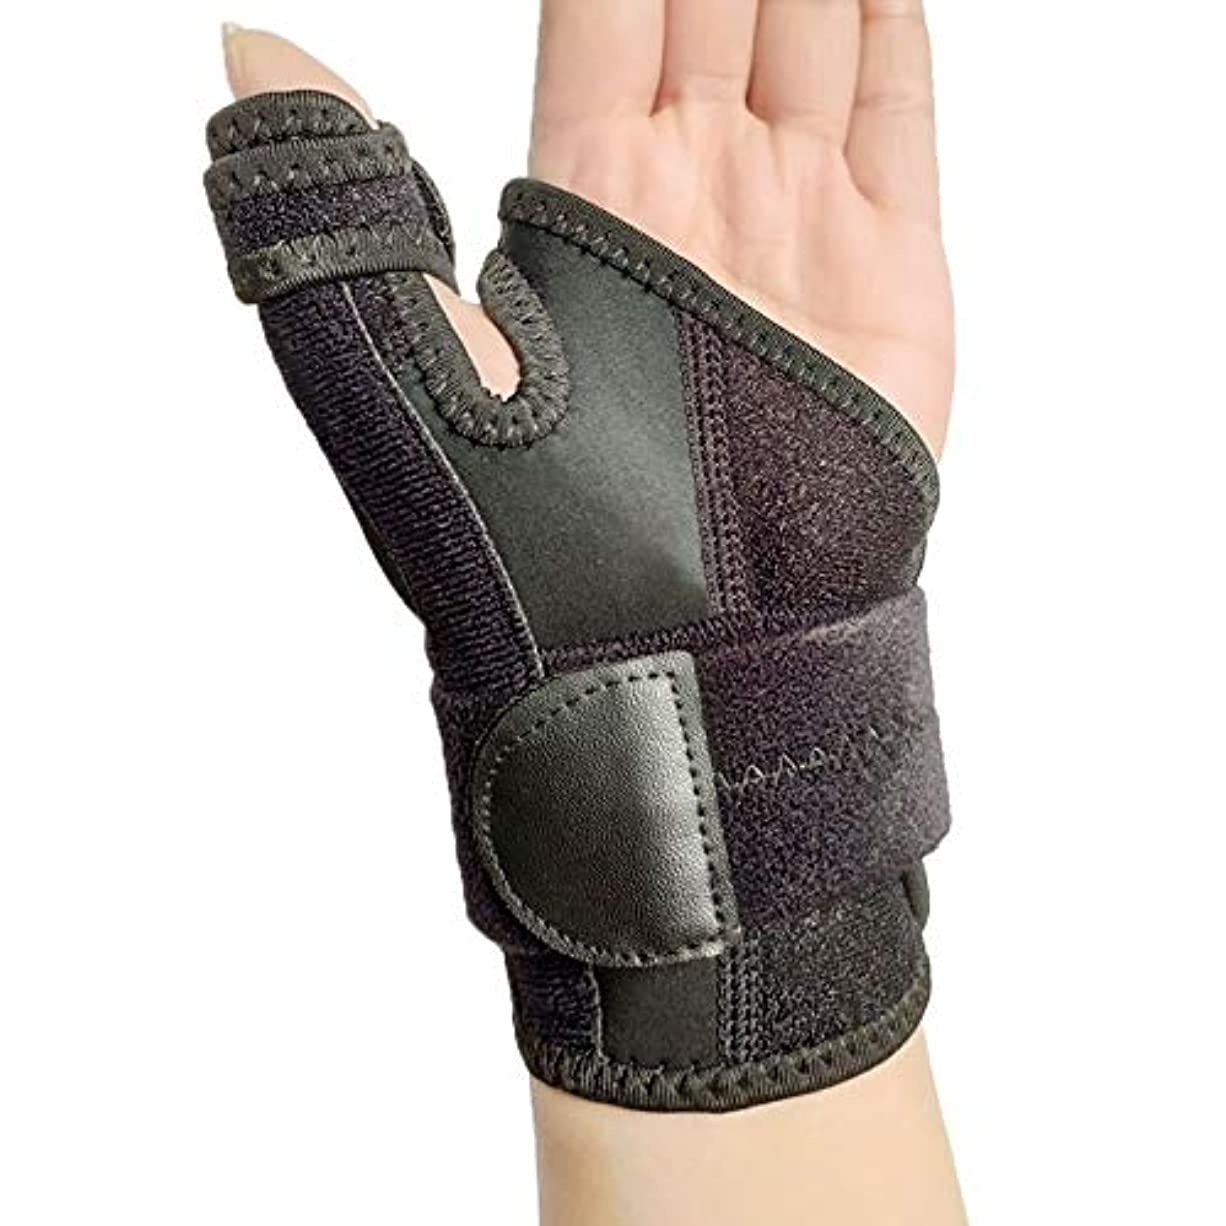 除外するメッシュ習字調節可能な手の捻挫メンズ?レディース?便利なスポーツ破壊無垢バンド手根管手首のサポートブレースベルト親指Bracer